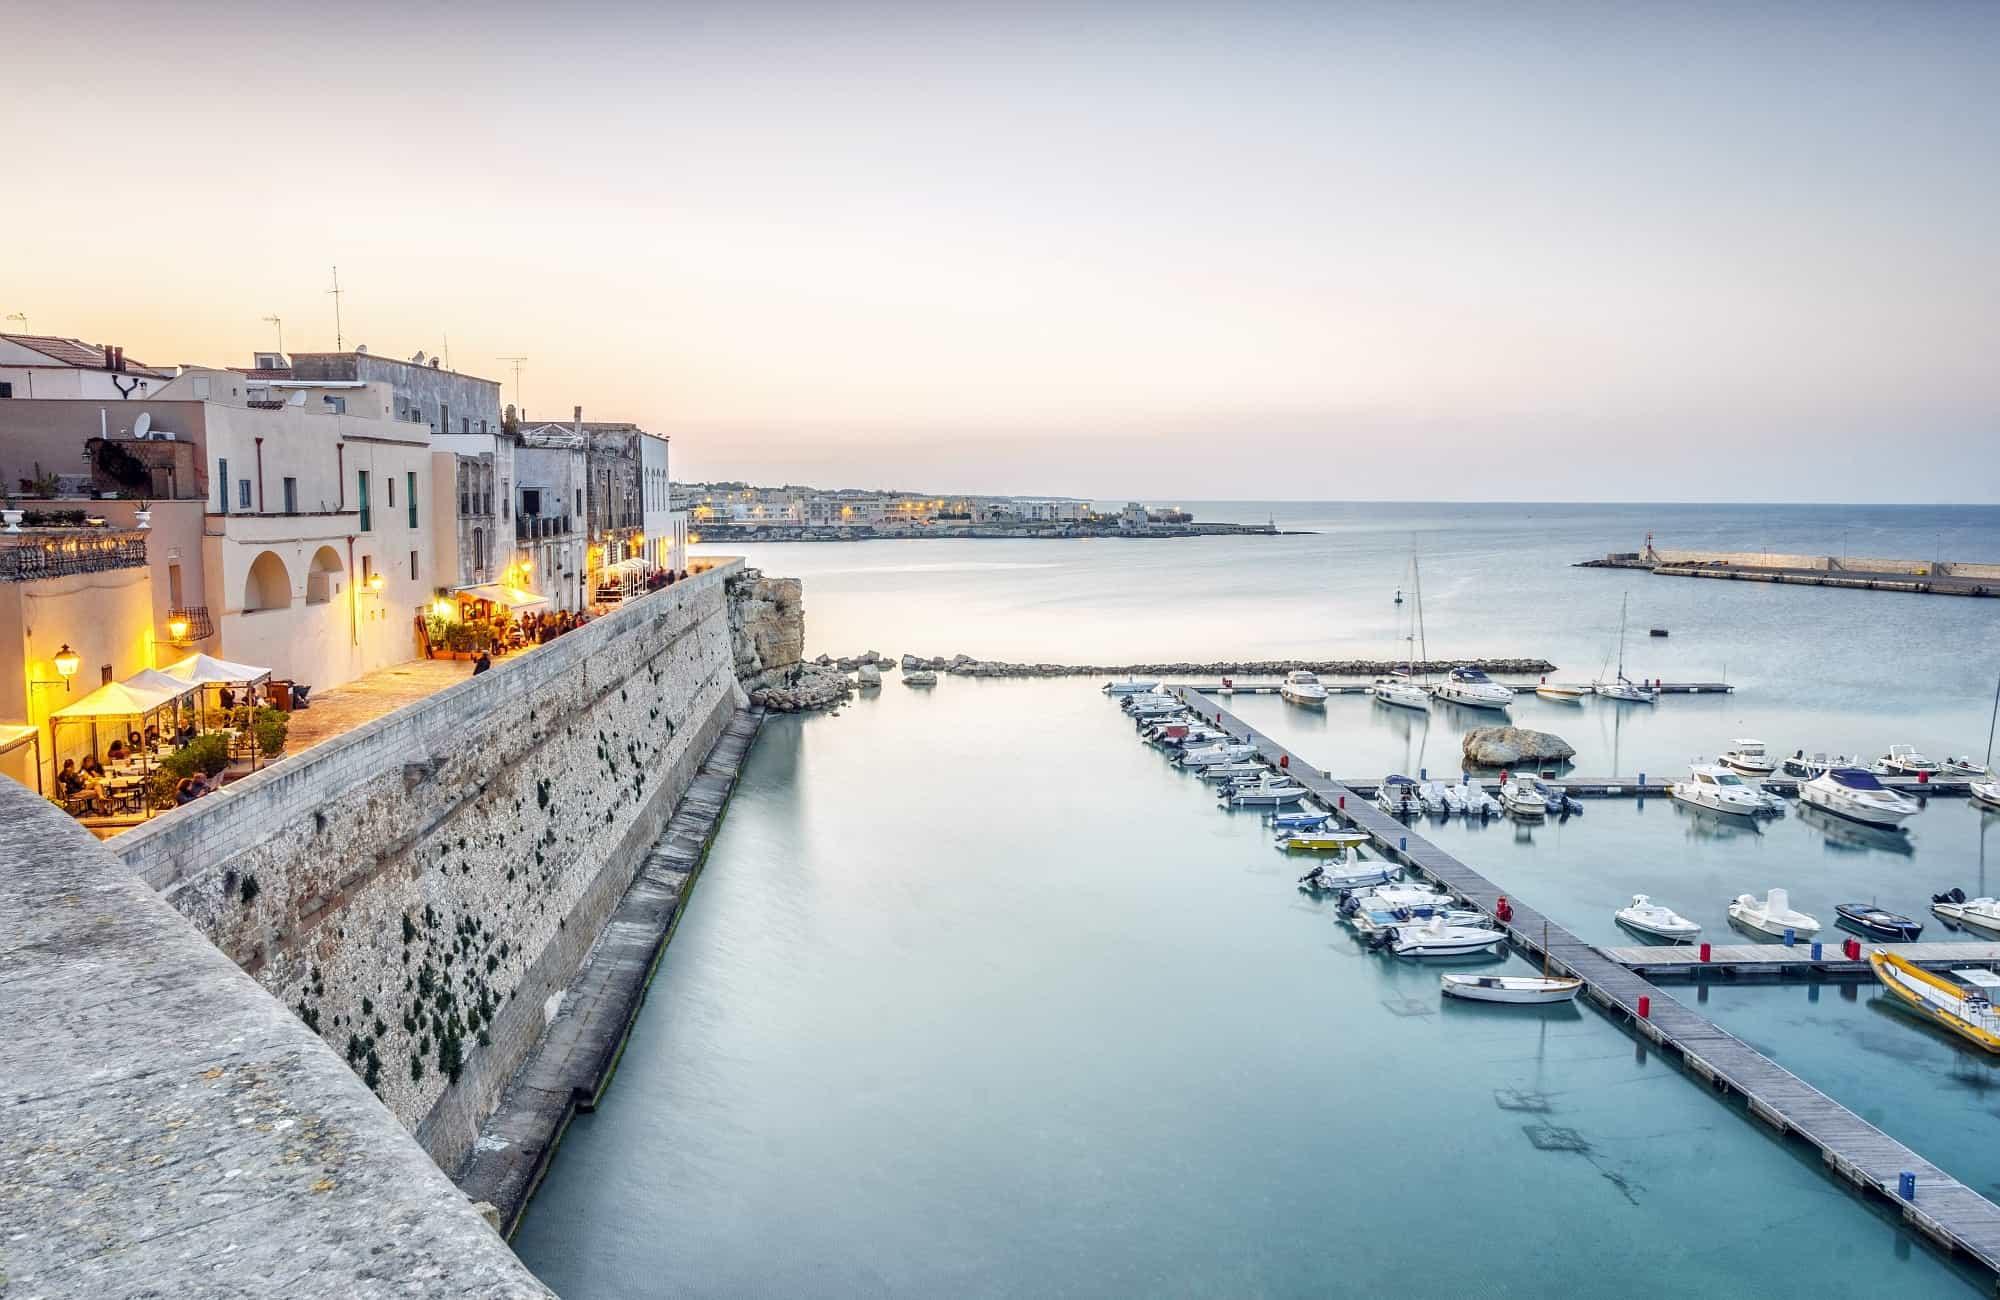 Voyage en Italie - Otrante - Amplitudes